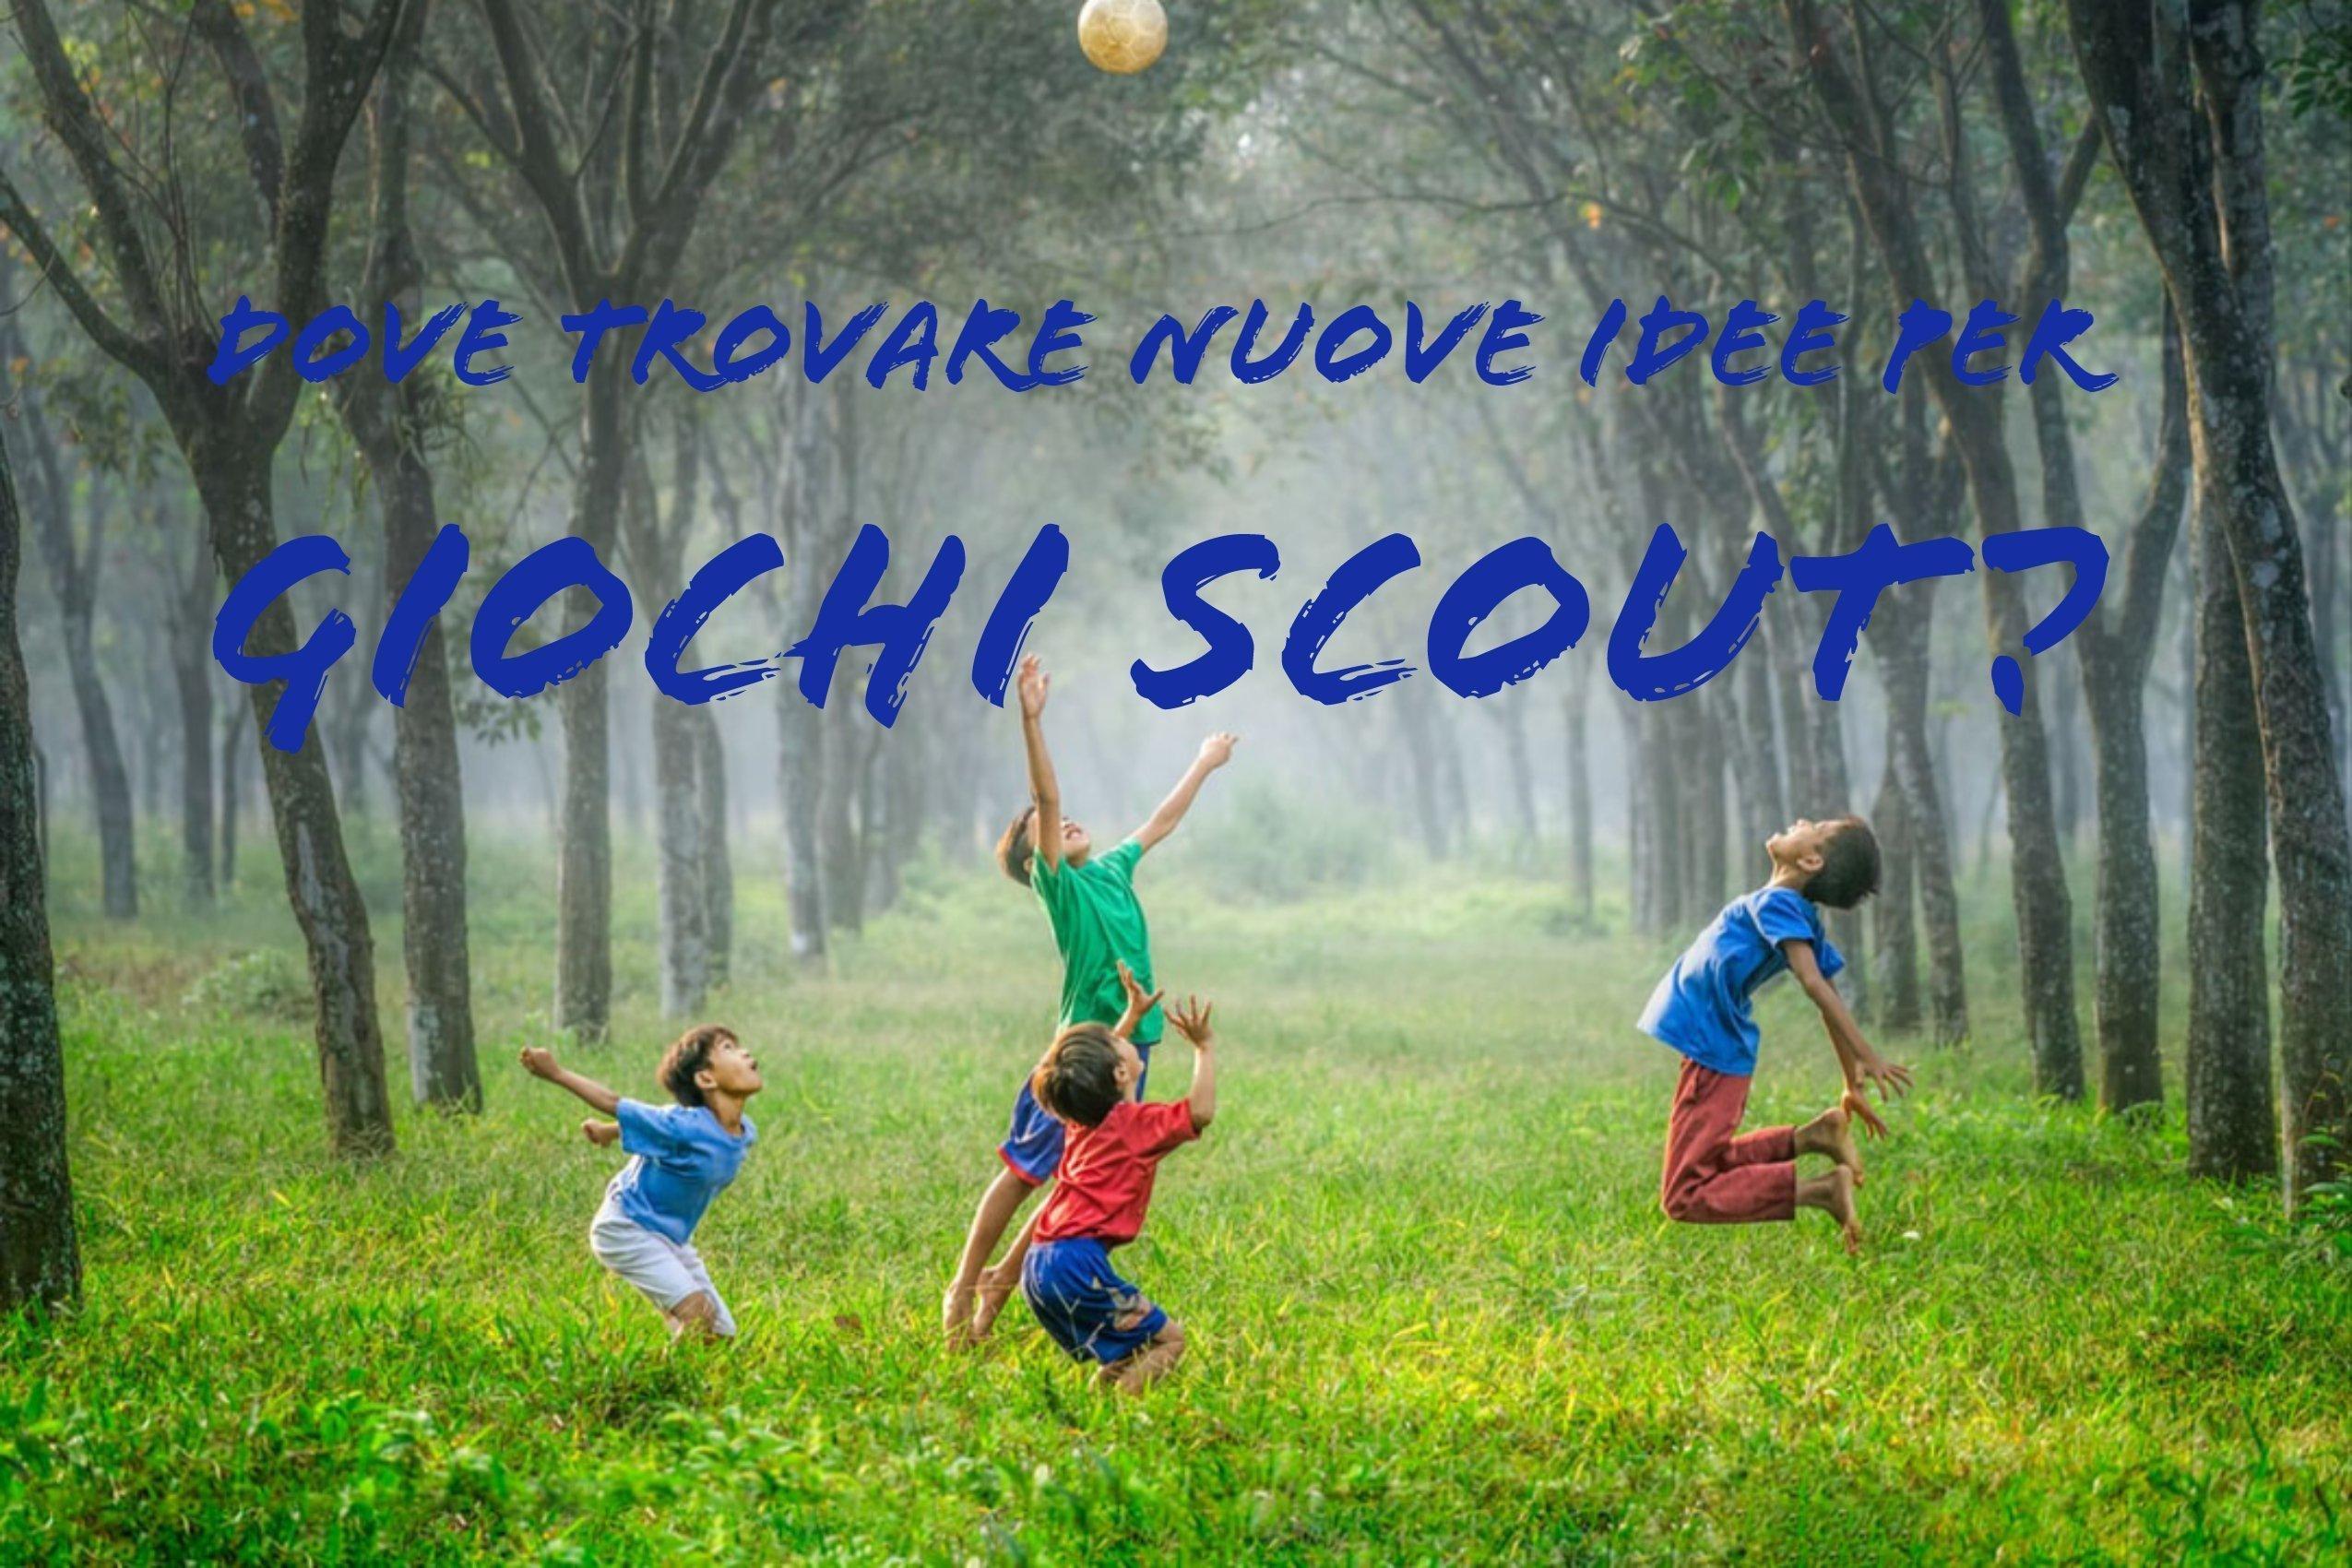 Dove trovare nuove idee per giochi scout?